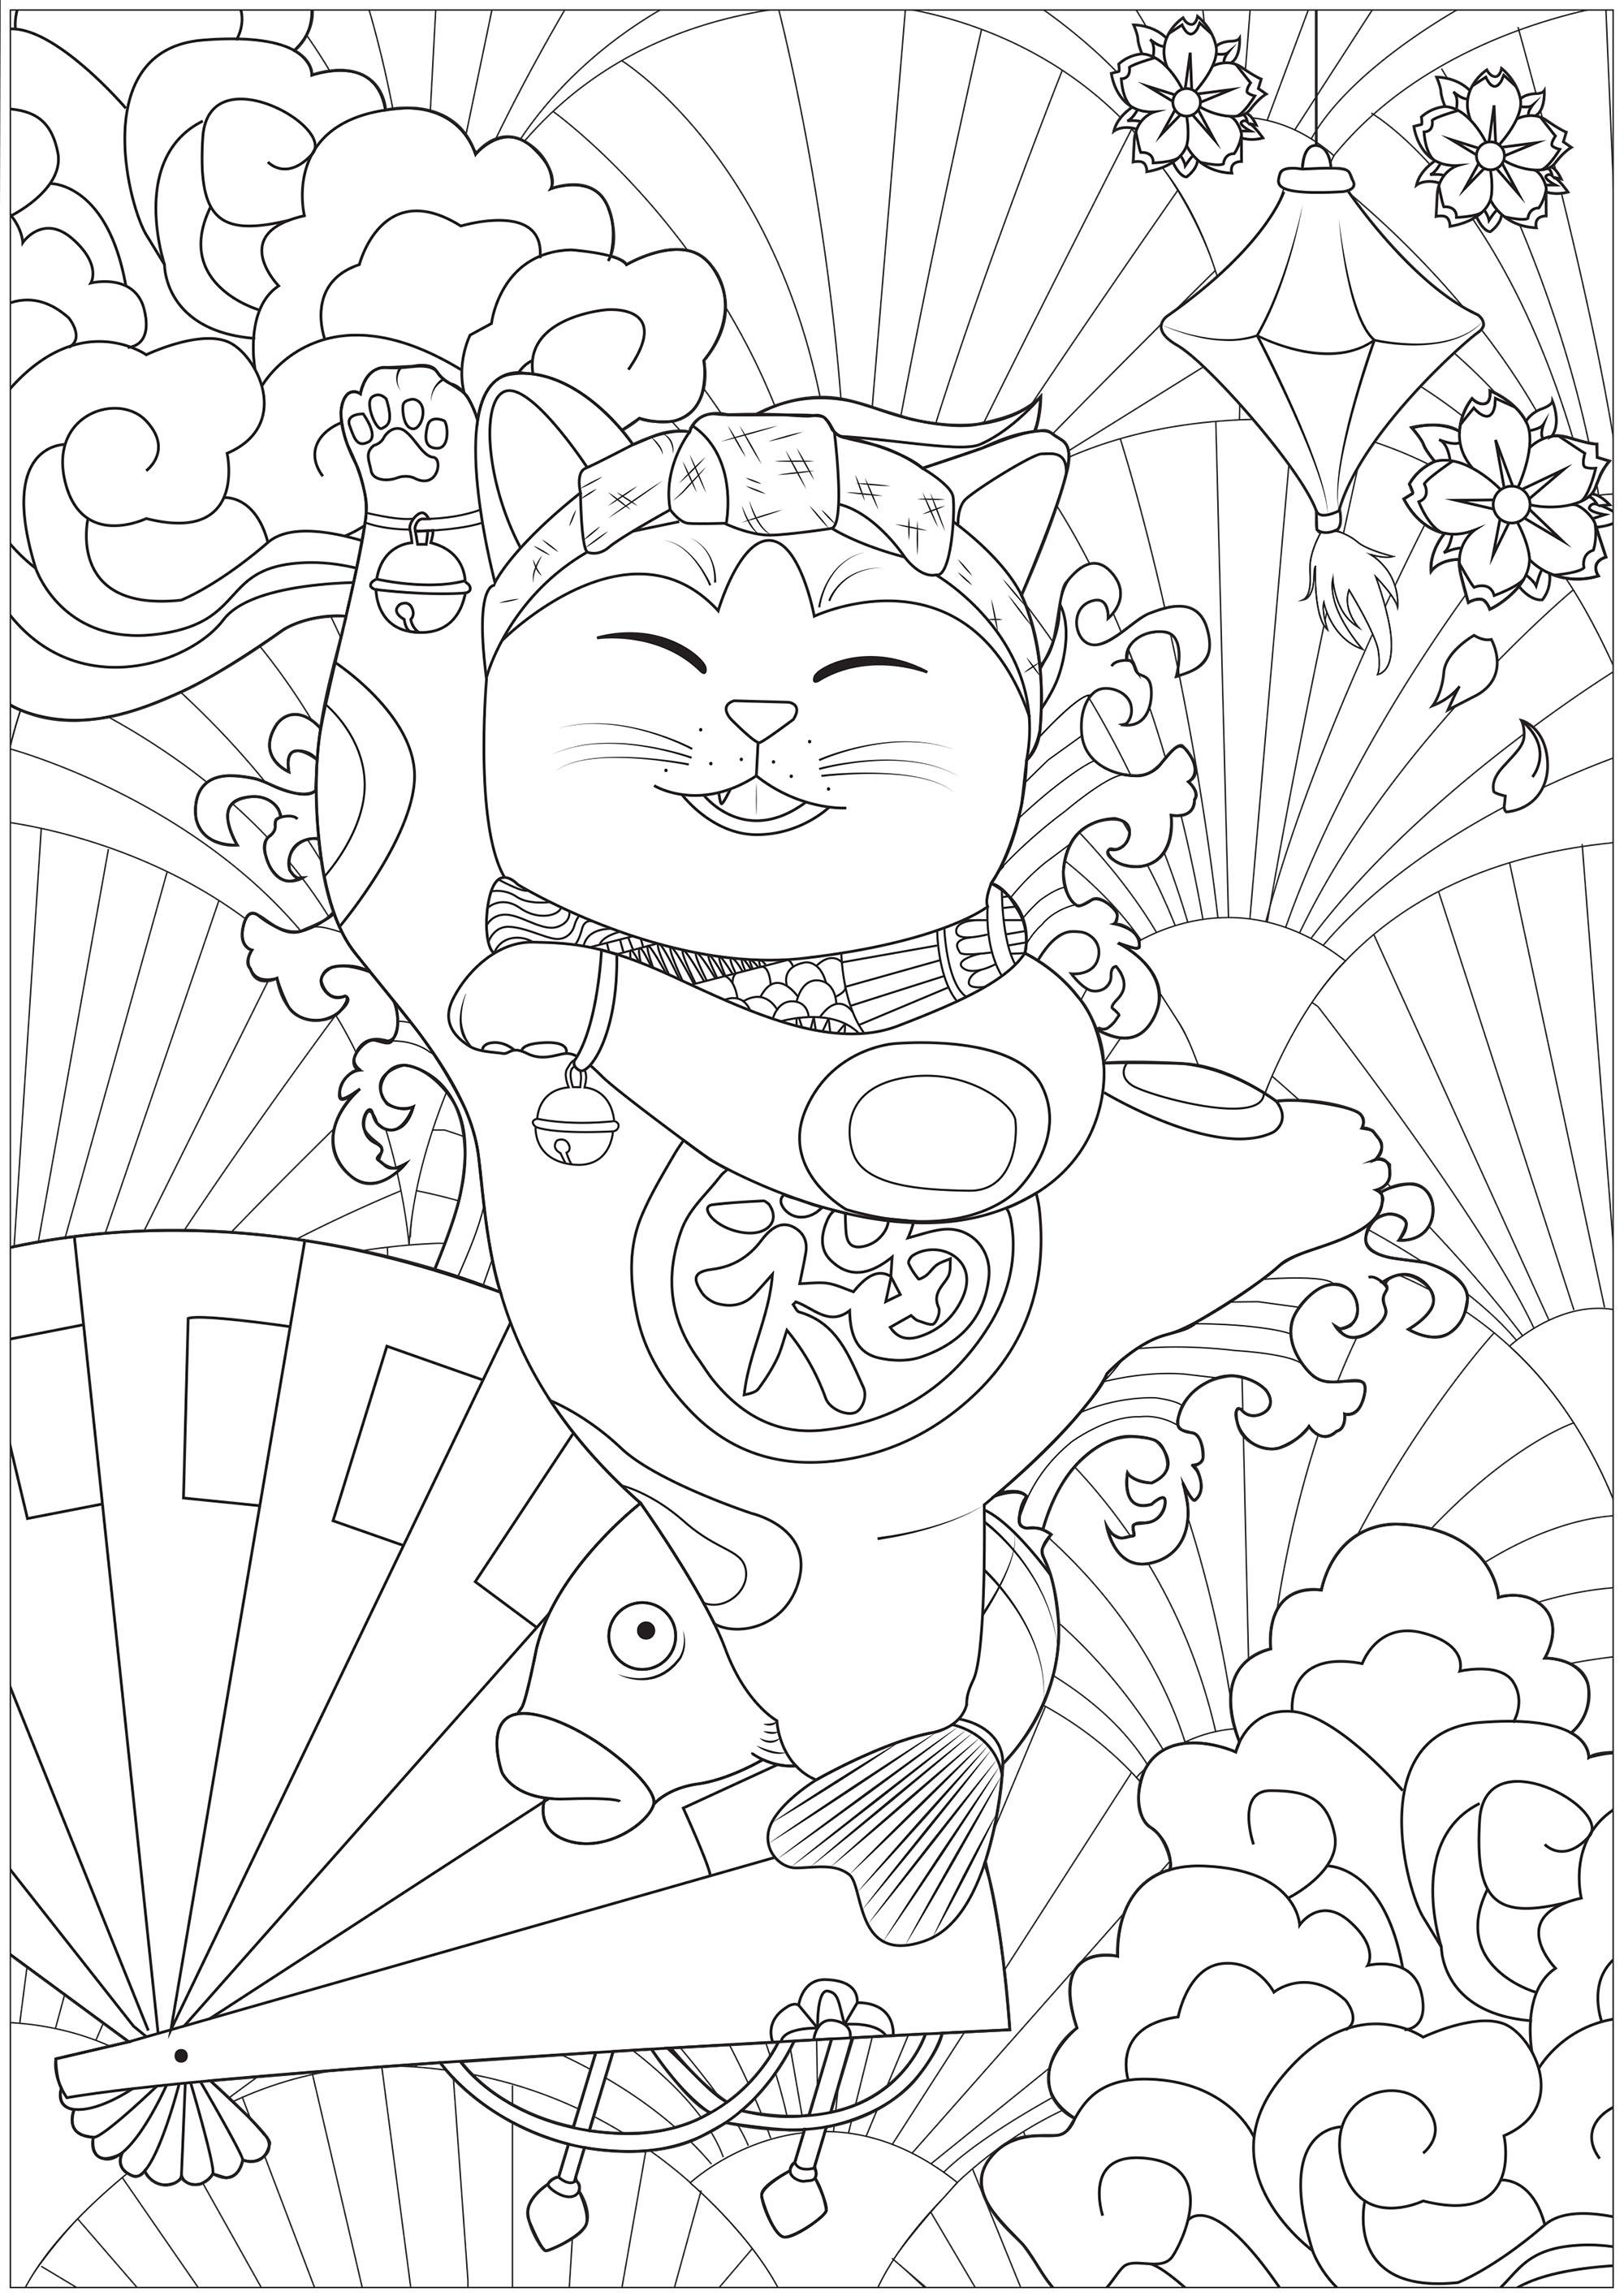 Un joyeux Maneki Neko faisant la fête devant différents symboles du Japon : lanterne, la Grande Vague, fleurs de cerisiers, éventails ...